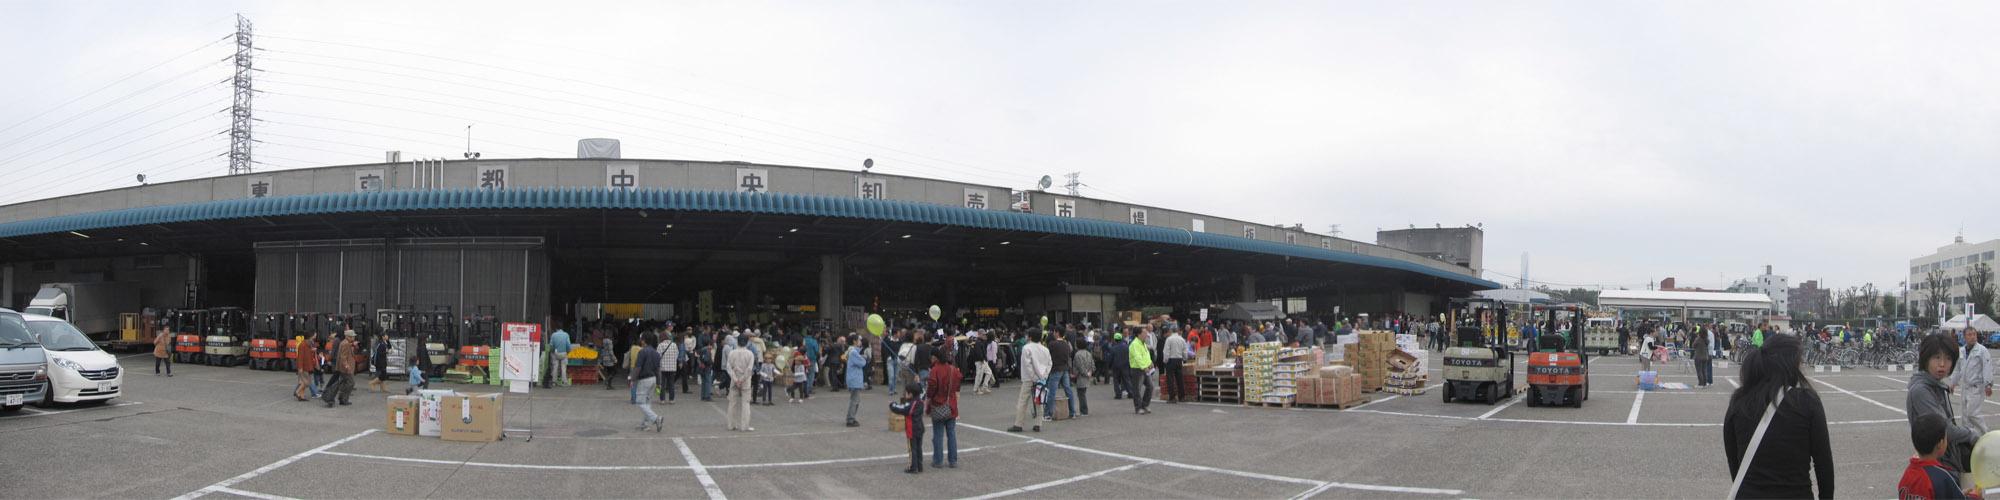 板橋市場:外観